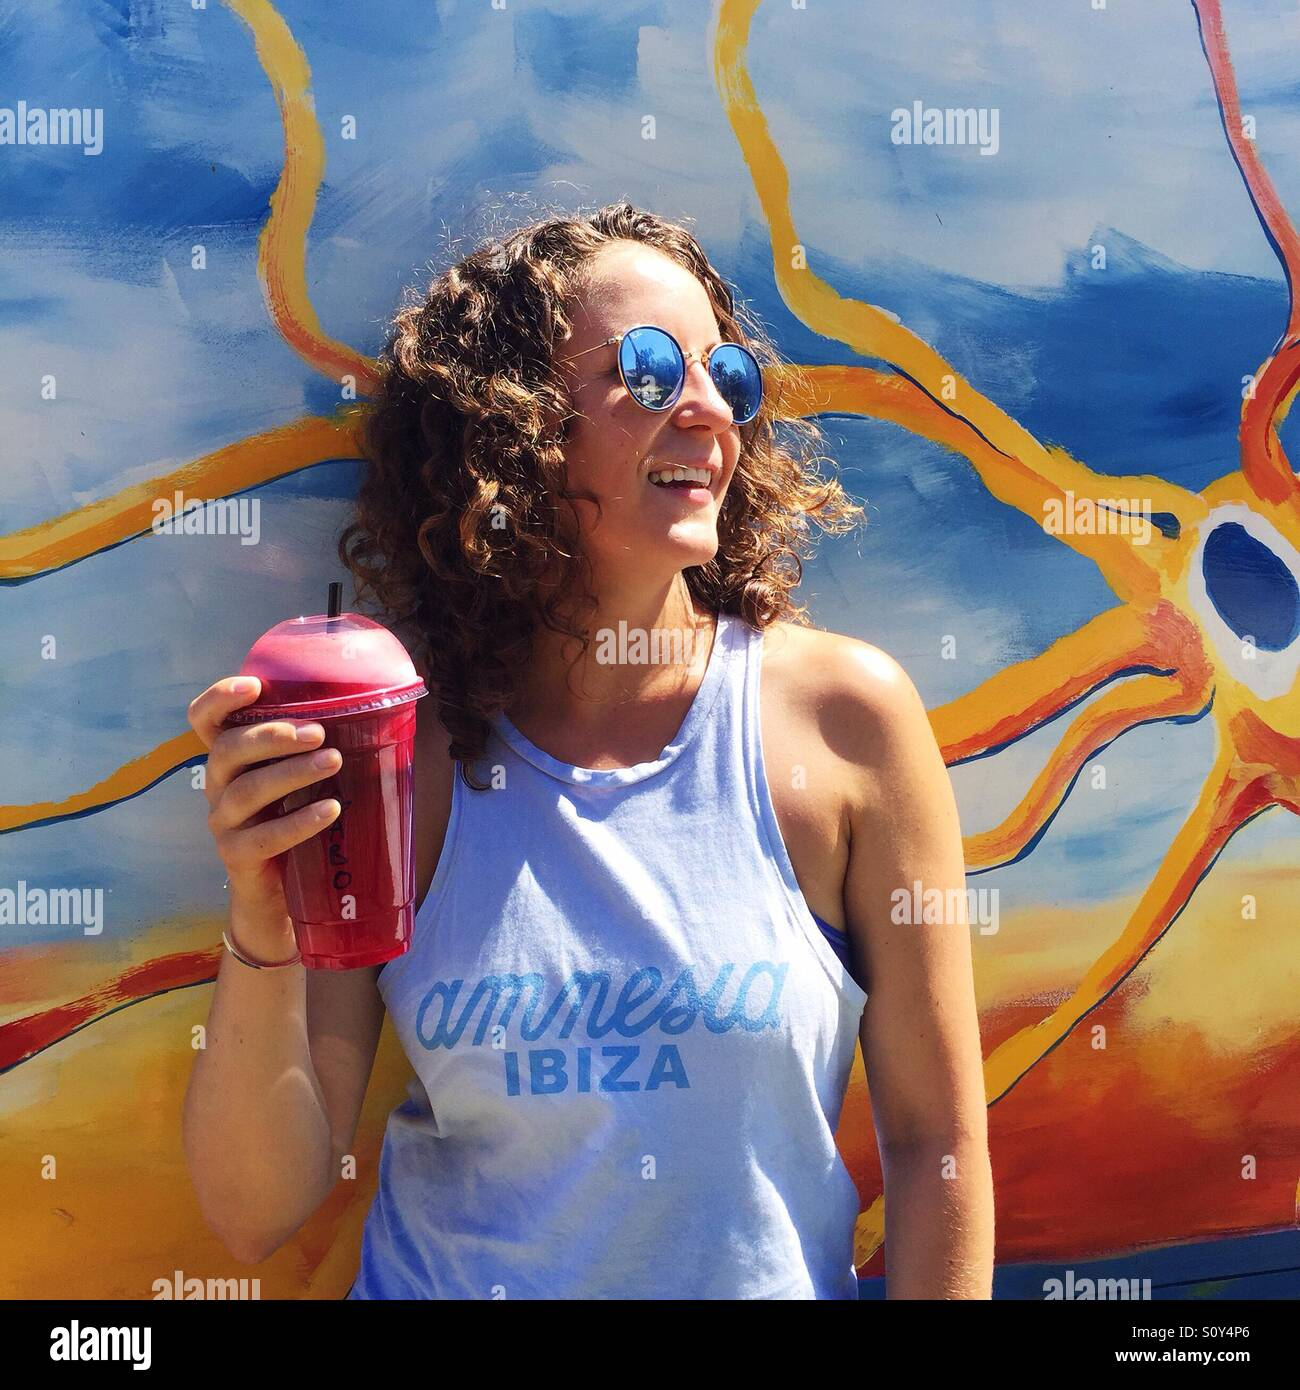 Mujer joven celebración bebidas saludables Imagen De Stock